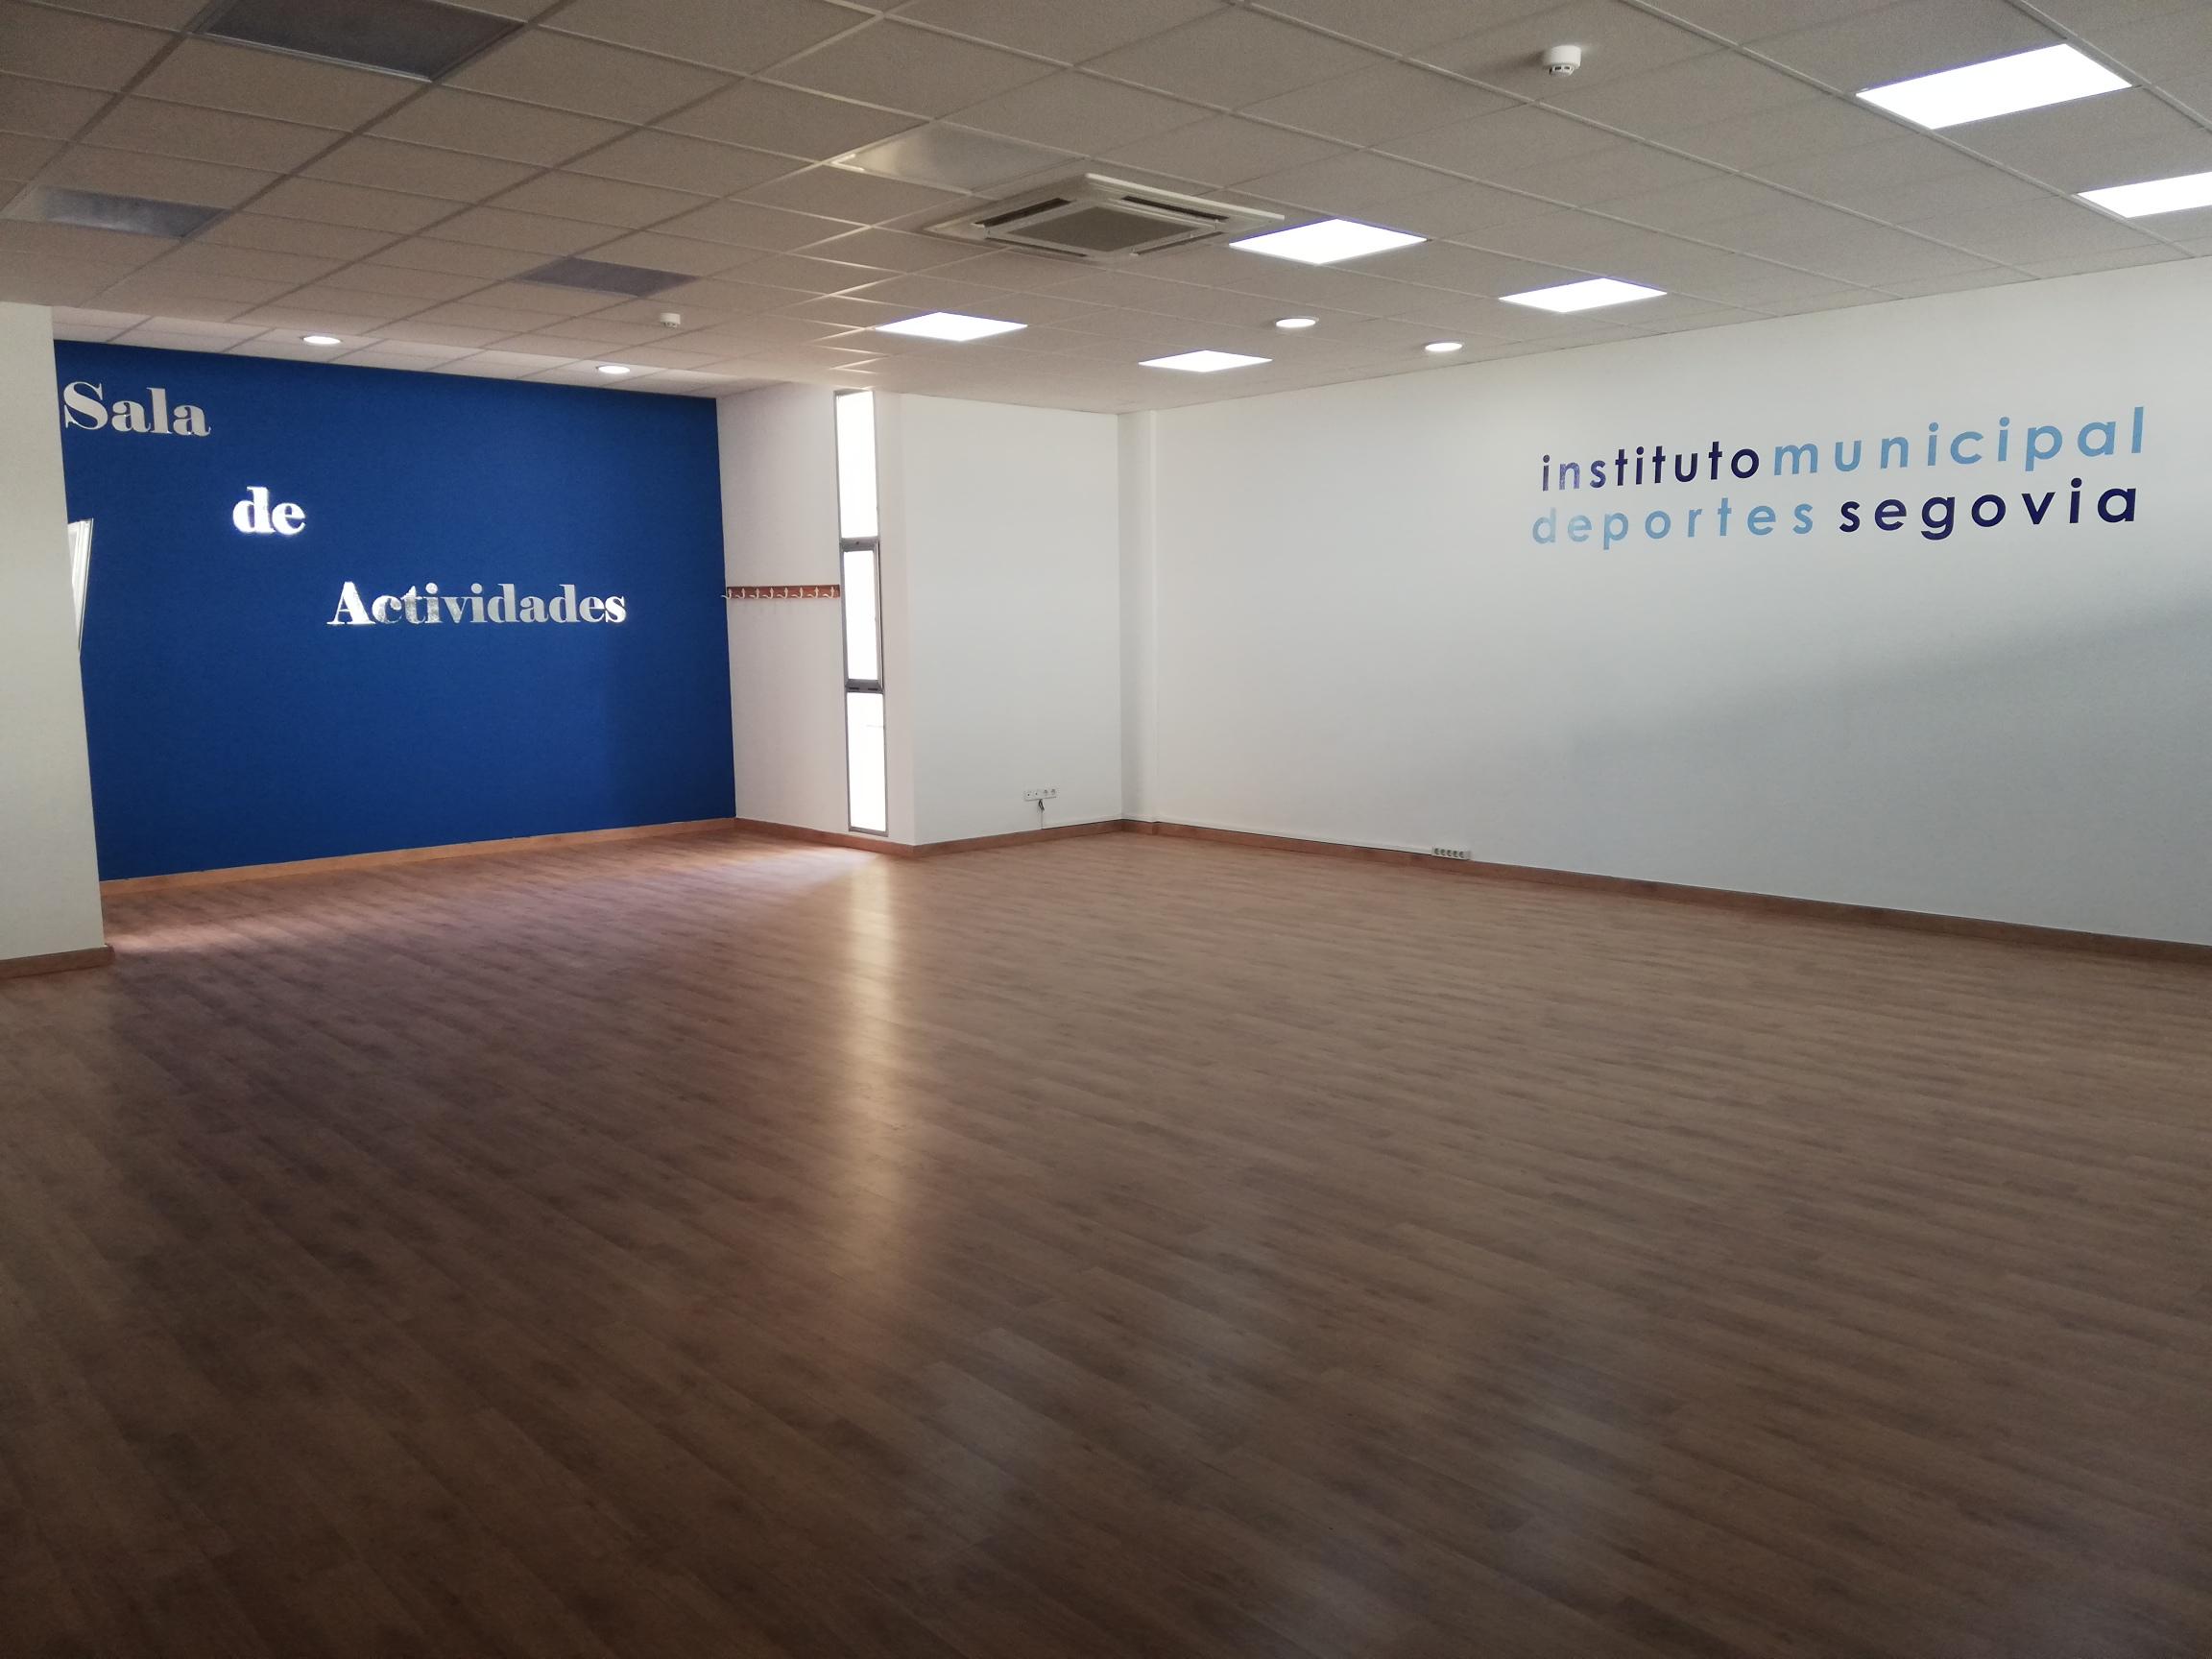 Instituto Municipal de Deportes: Instalaciones Deportivas